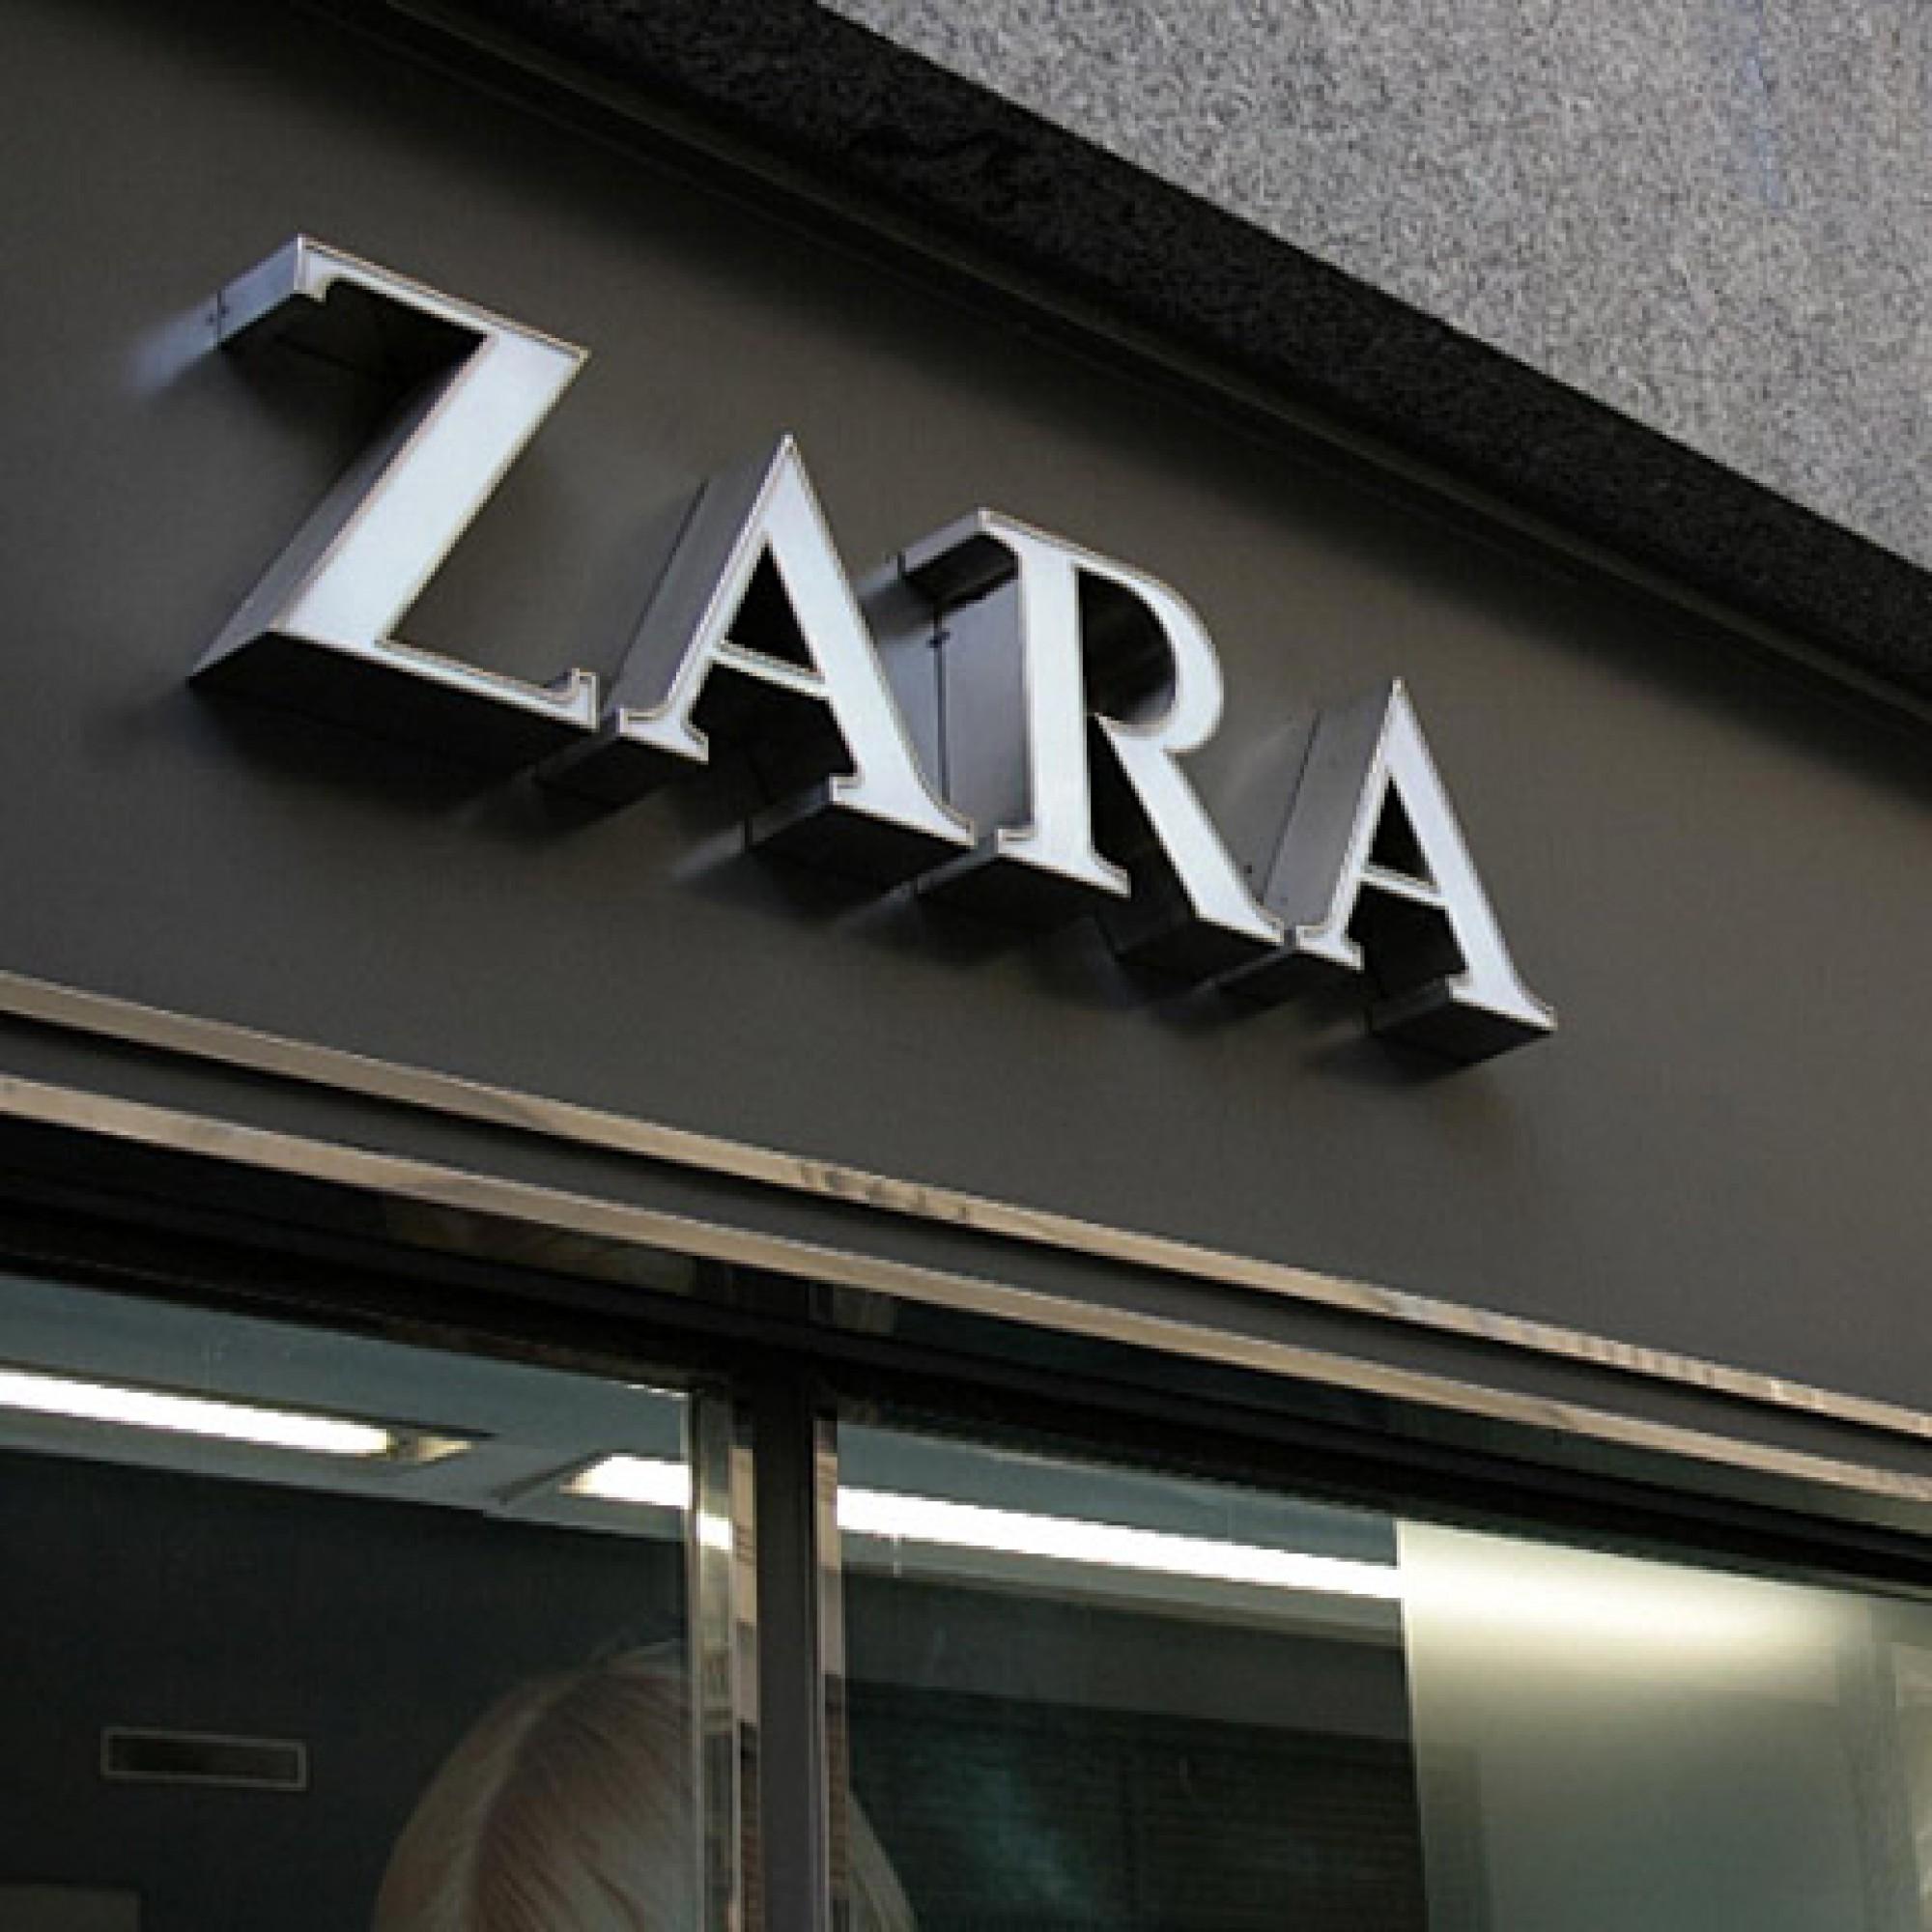 Aussenfassade einer Zara-Filiale (Bild: wikimedia)